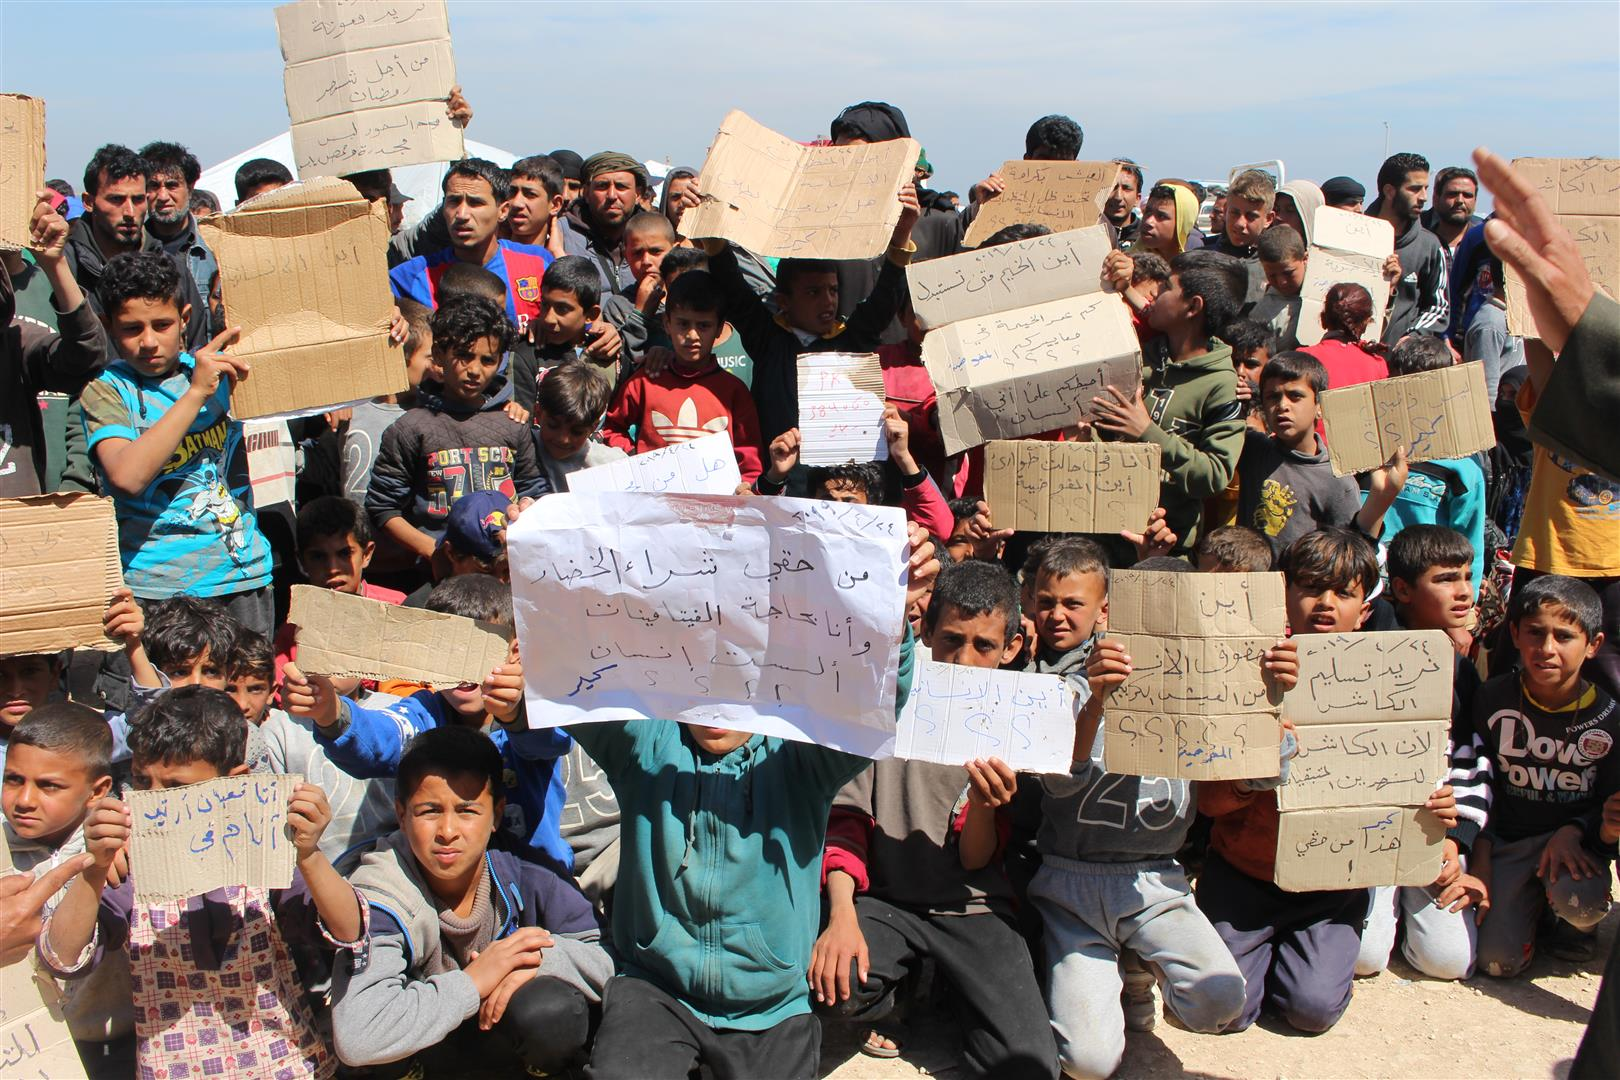 نازحو مخيم العريشة: هذا الفرش منذ شهرين لم تقع فيه قطعة لحمة!